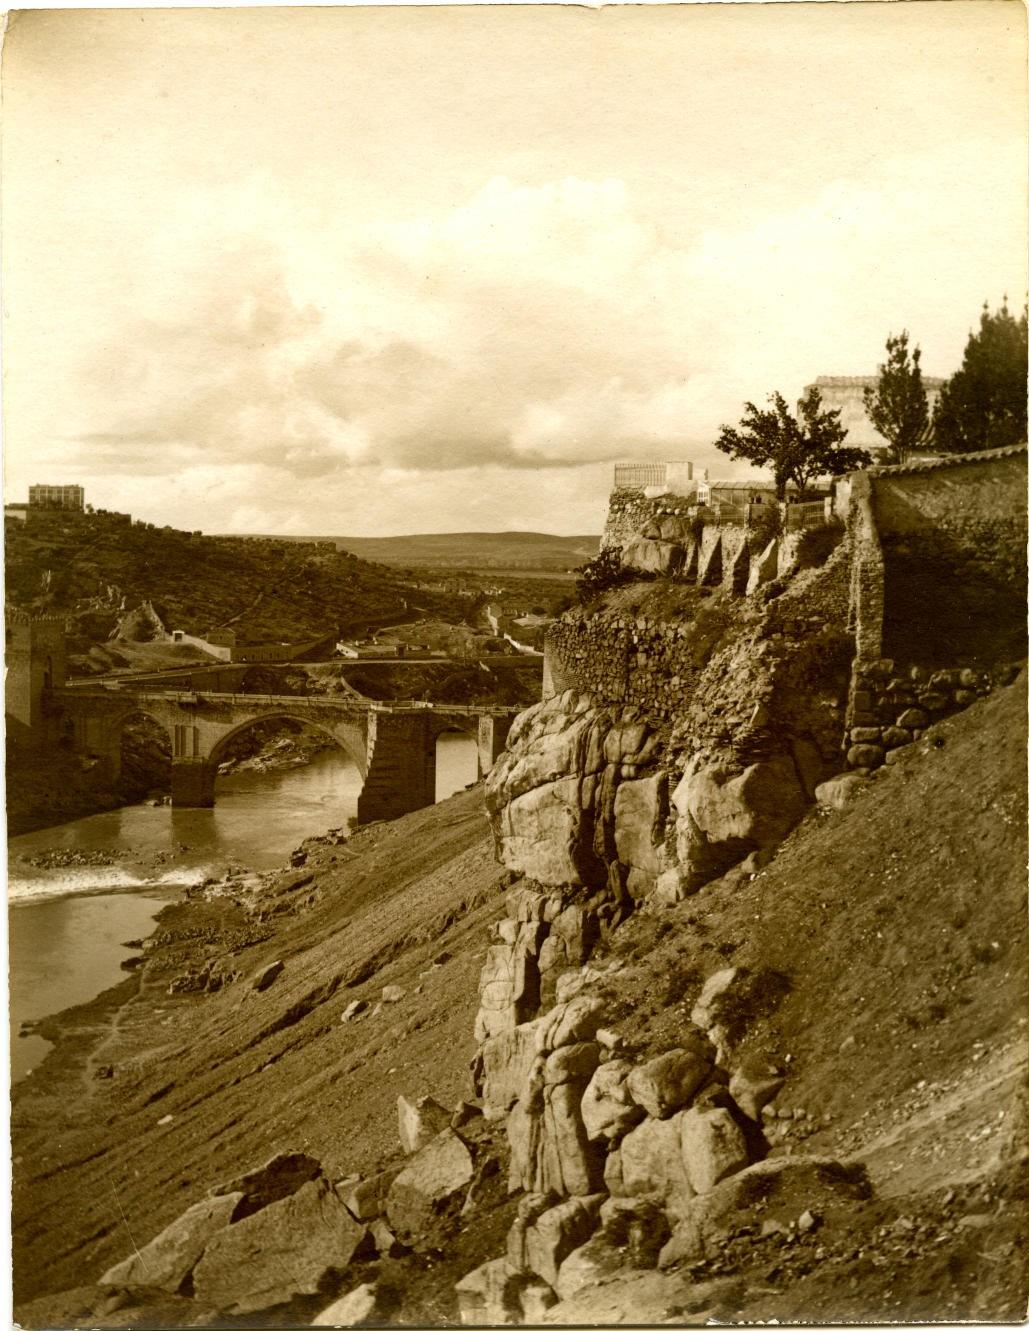 h.-Roca Tarpeya. Al fondo el Puente de San Martín